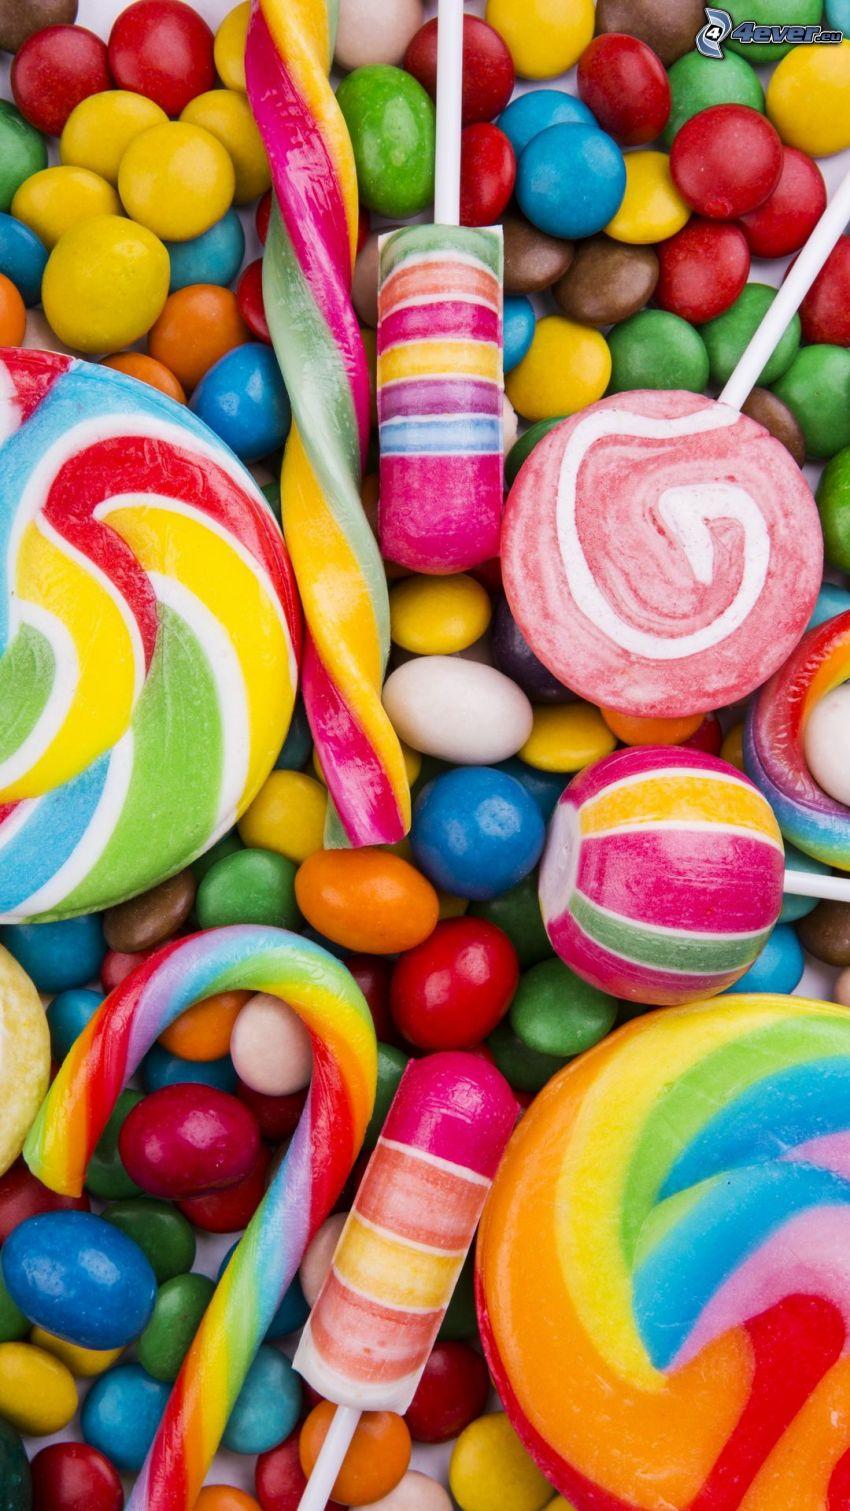 kolorowe lizaki, kolorowe cukierki